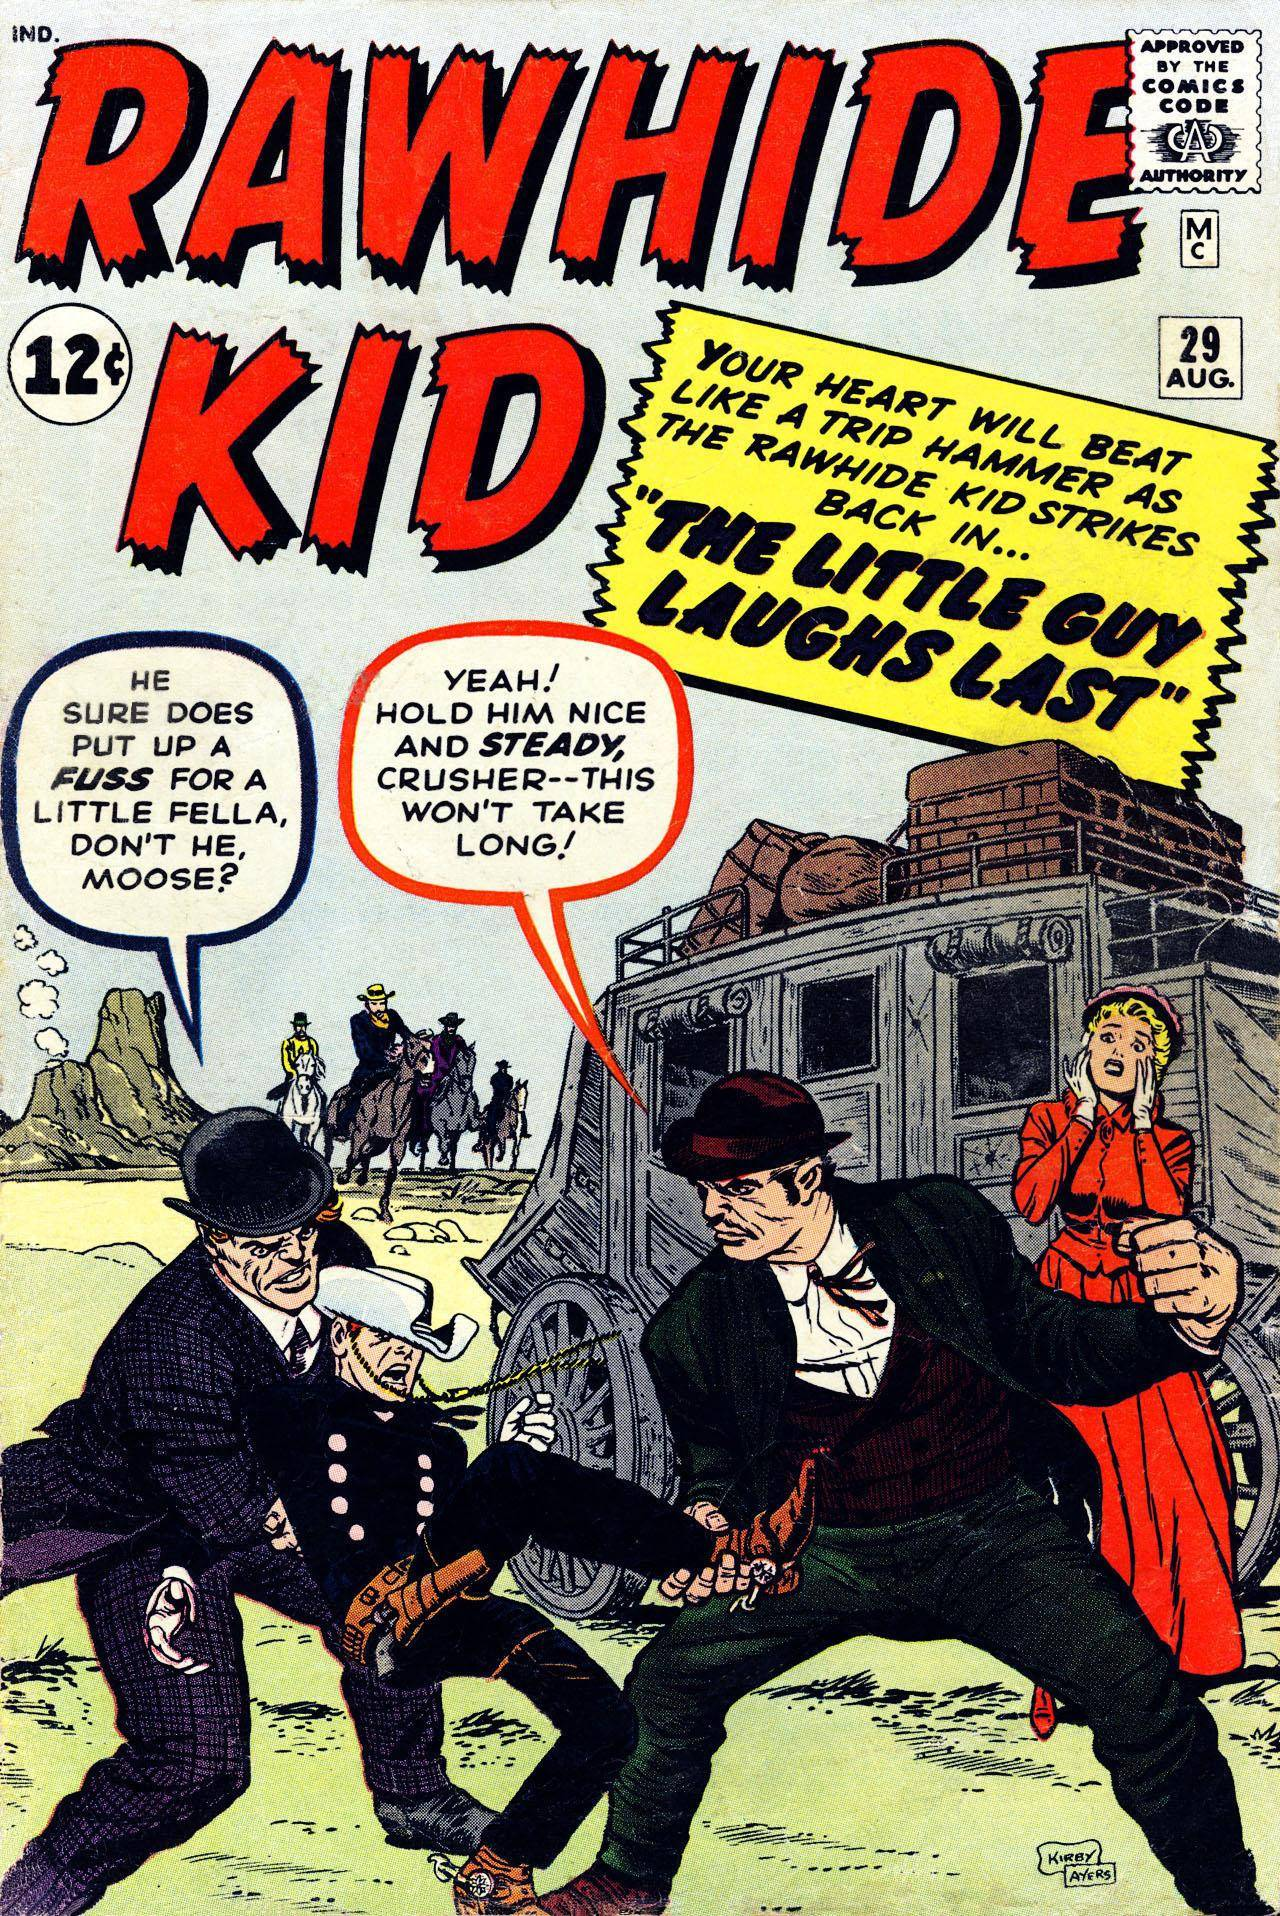 Rawhide Kid v1 029 1962